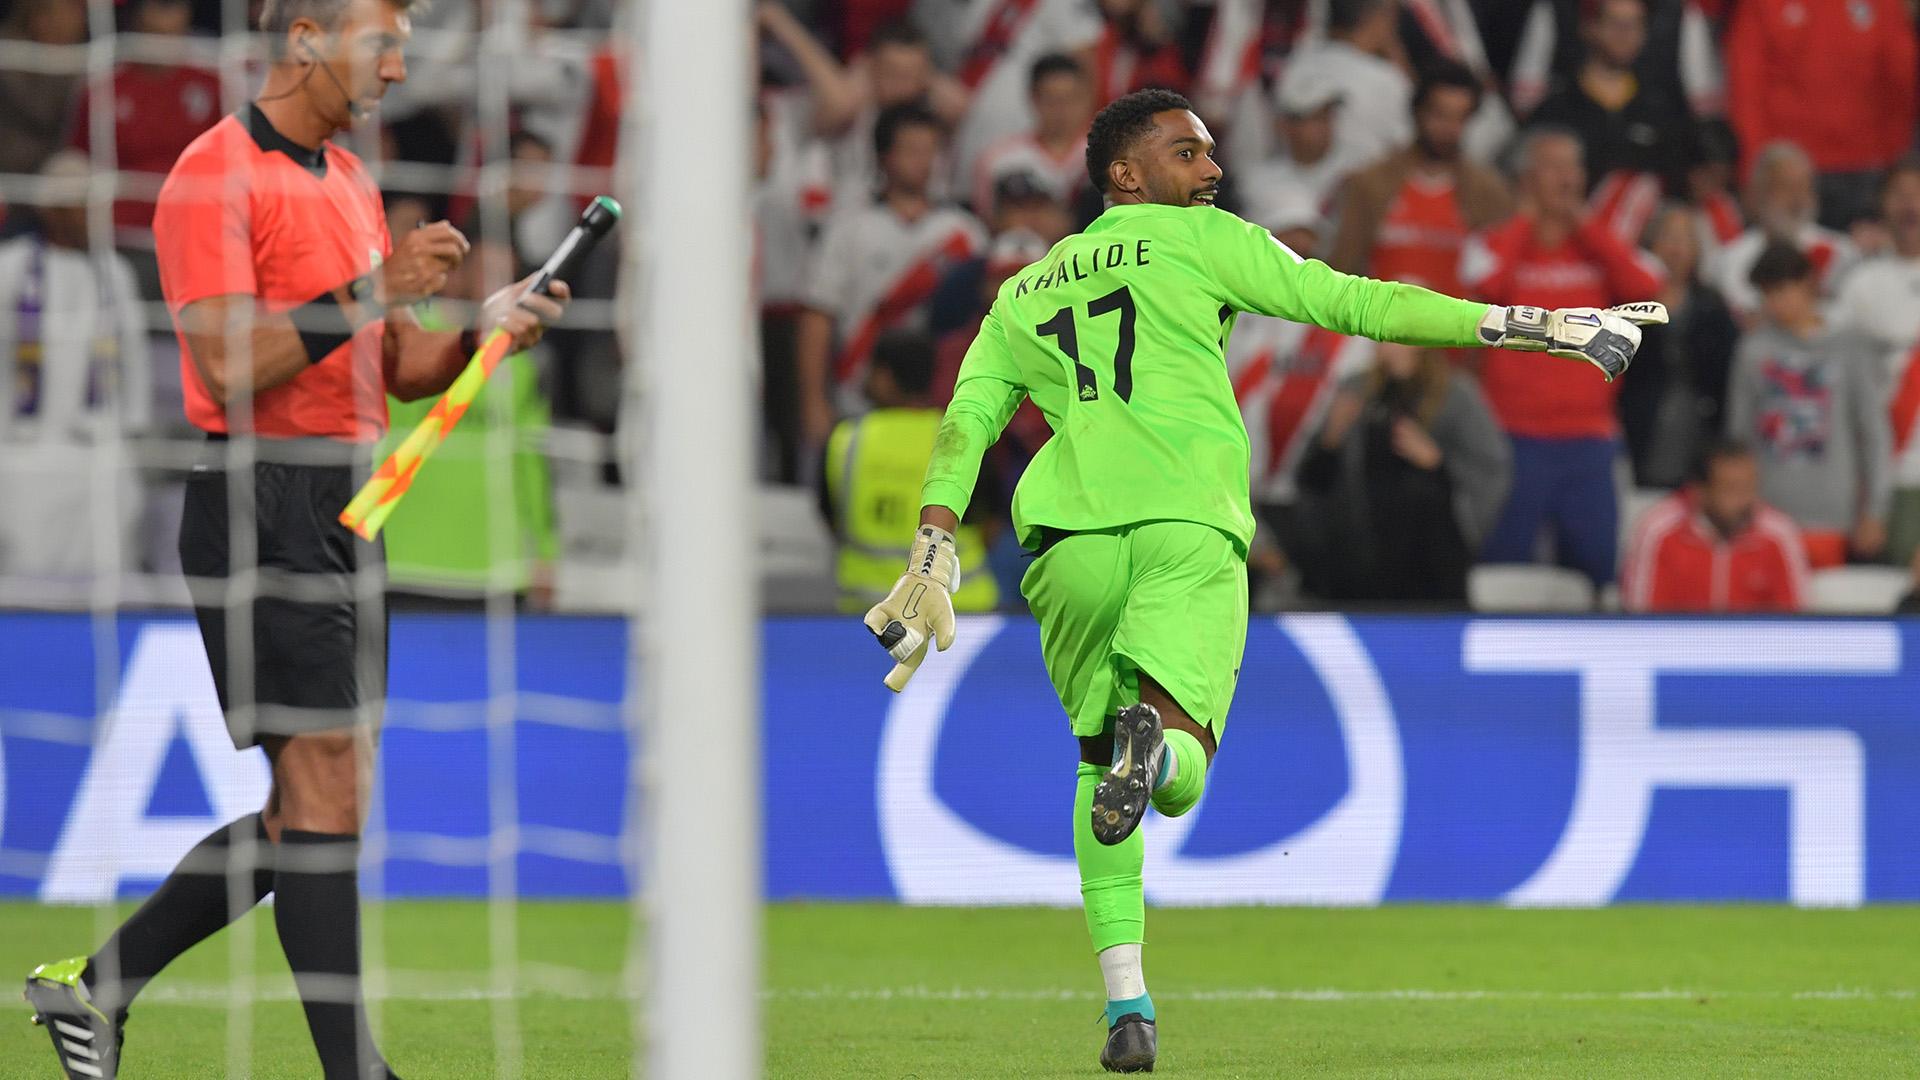 El arquero Khalid Eisa celebra el penal atajado y la clasificación del Al Ain a la final del Mundial de Clubes